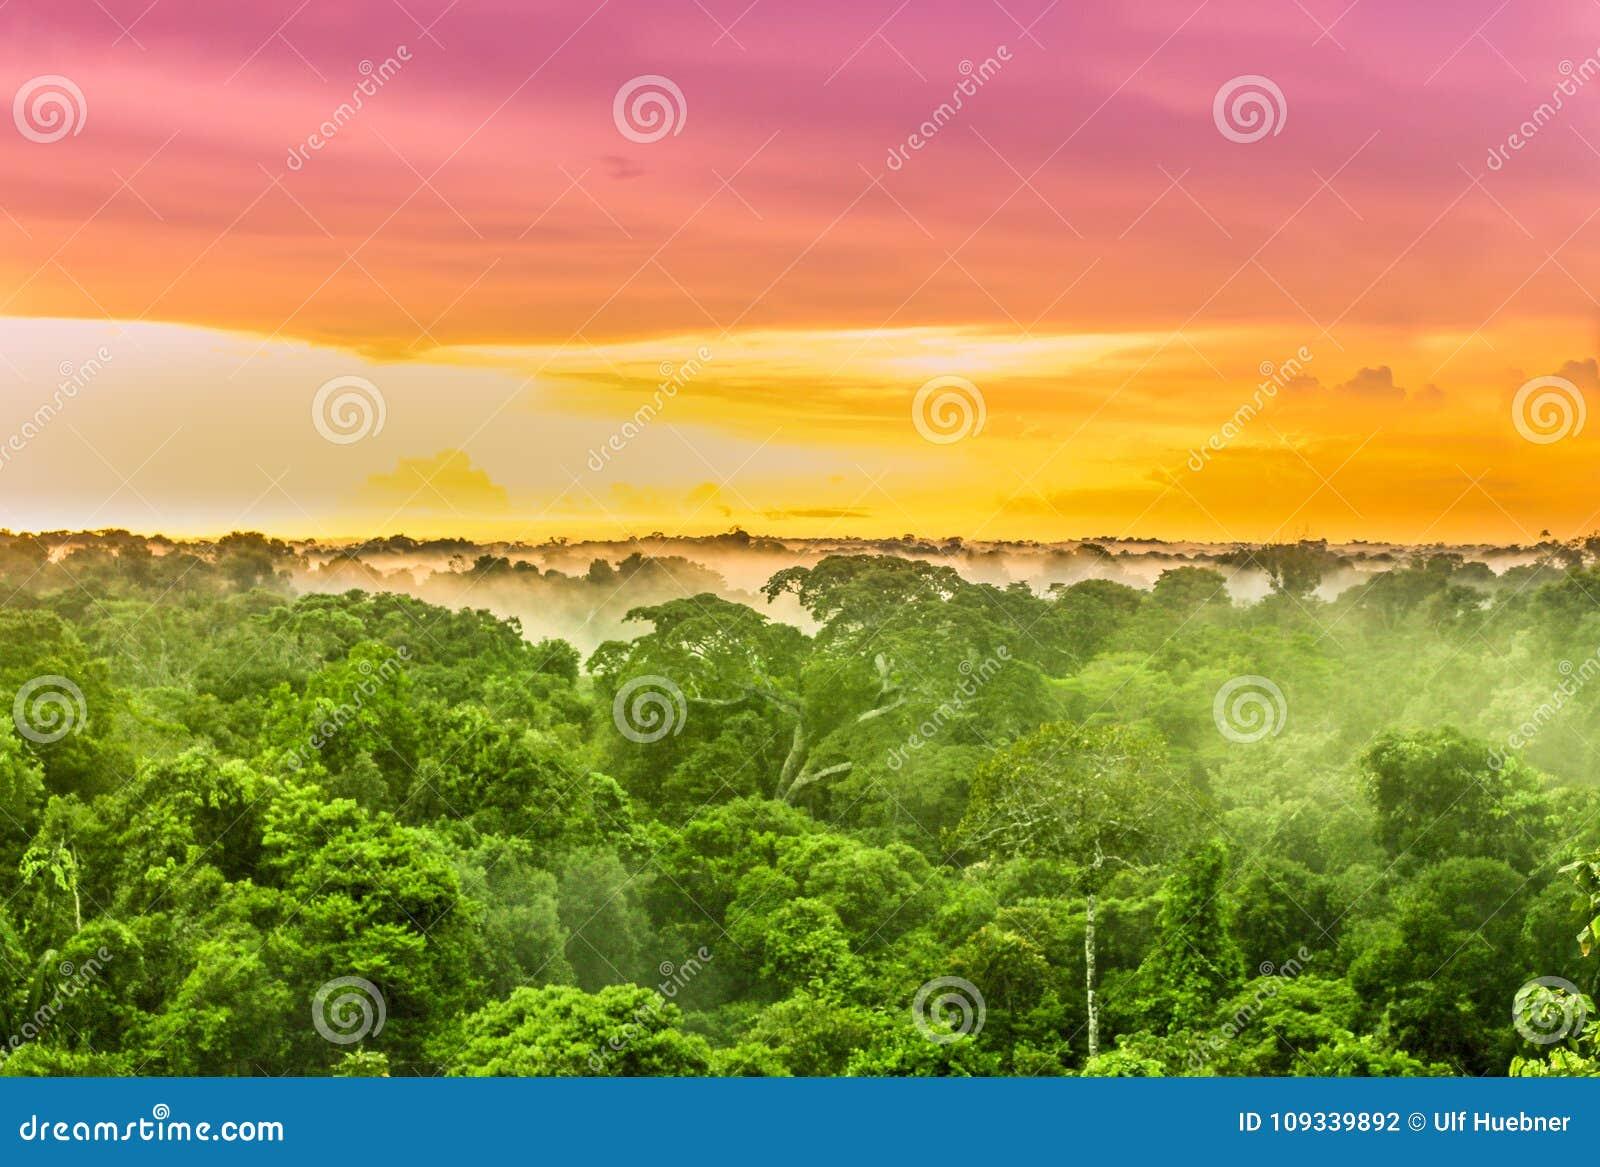 Roze zonsondergang over het regenwoud van Amazonië in Brazilië